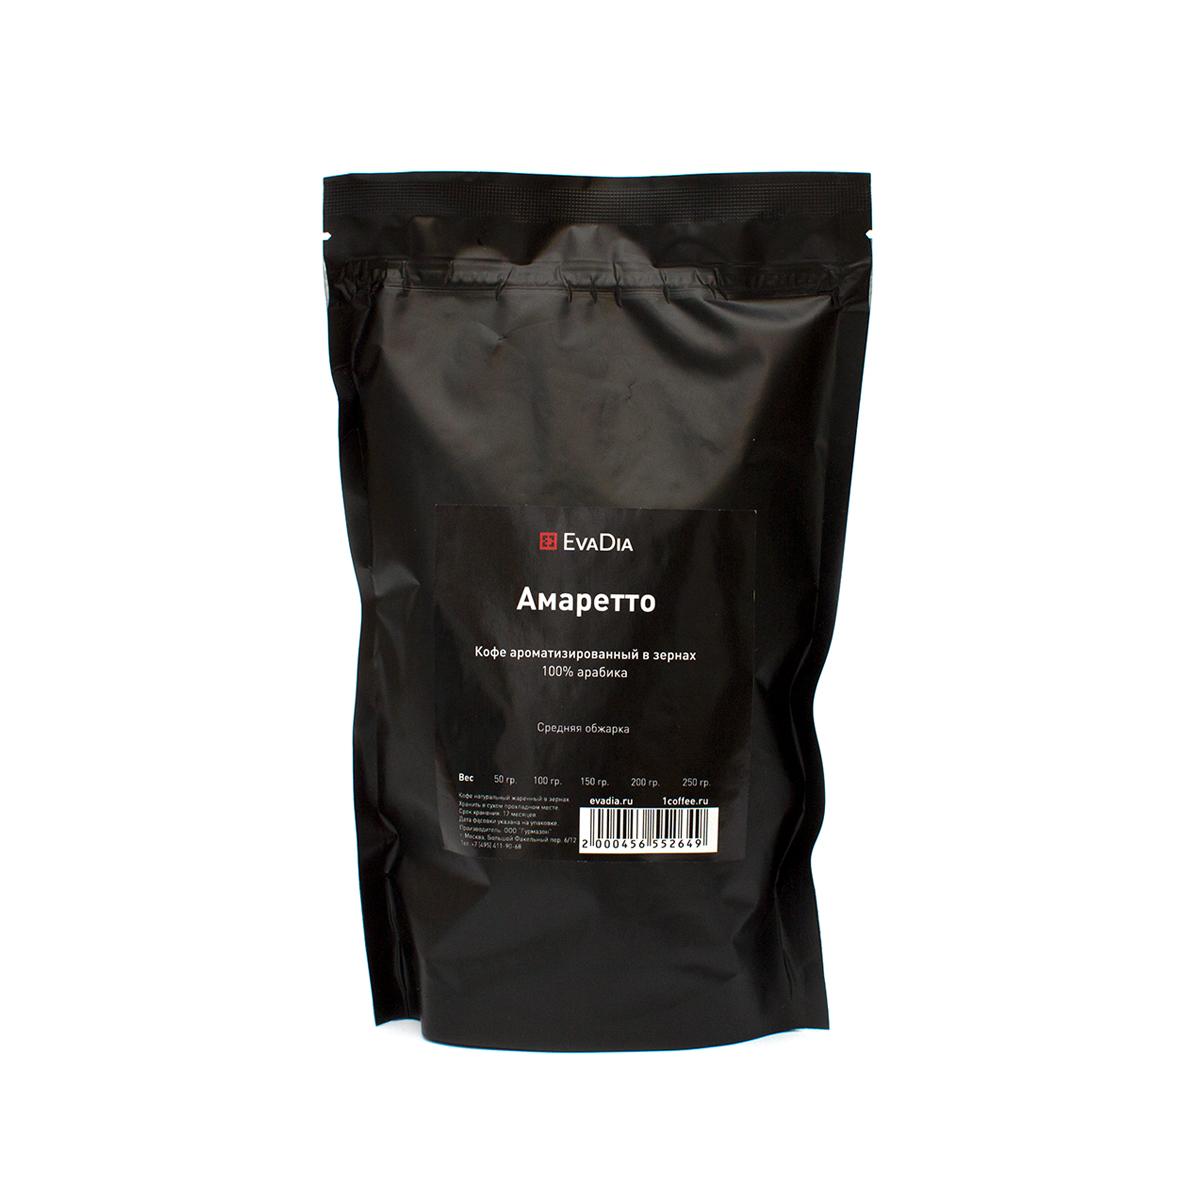 Кофе в зернах ароматизированный EvaDia